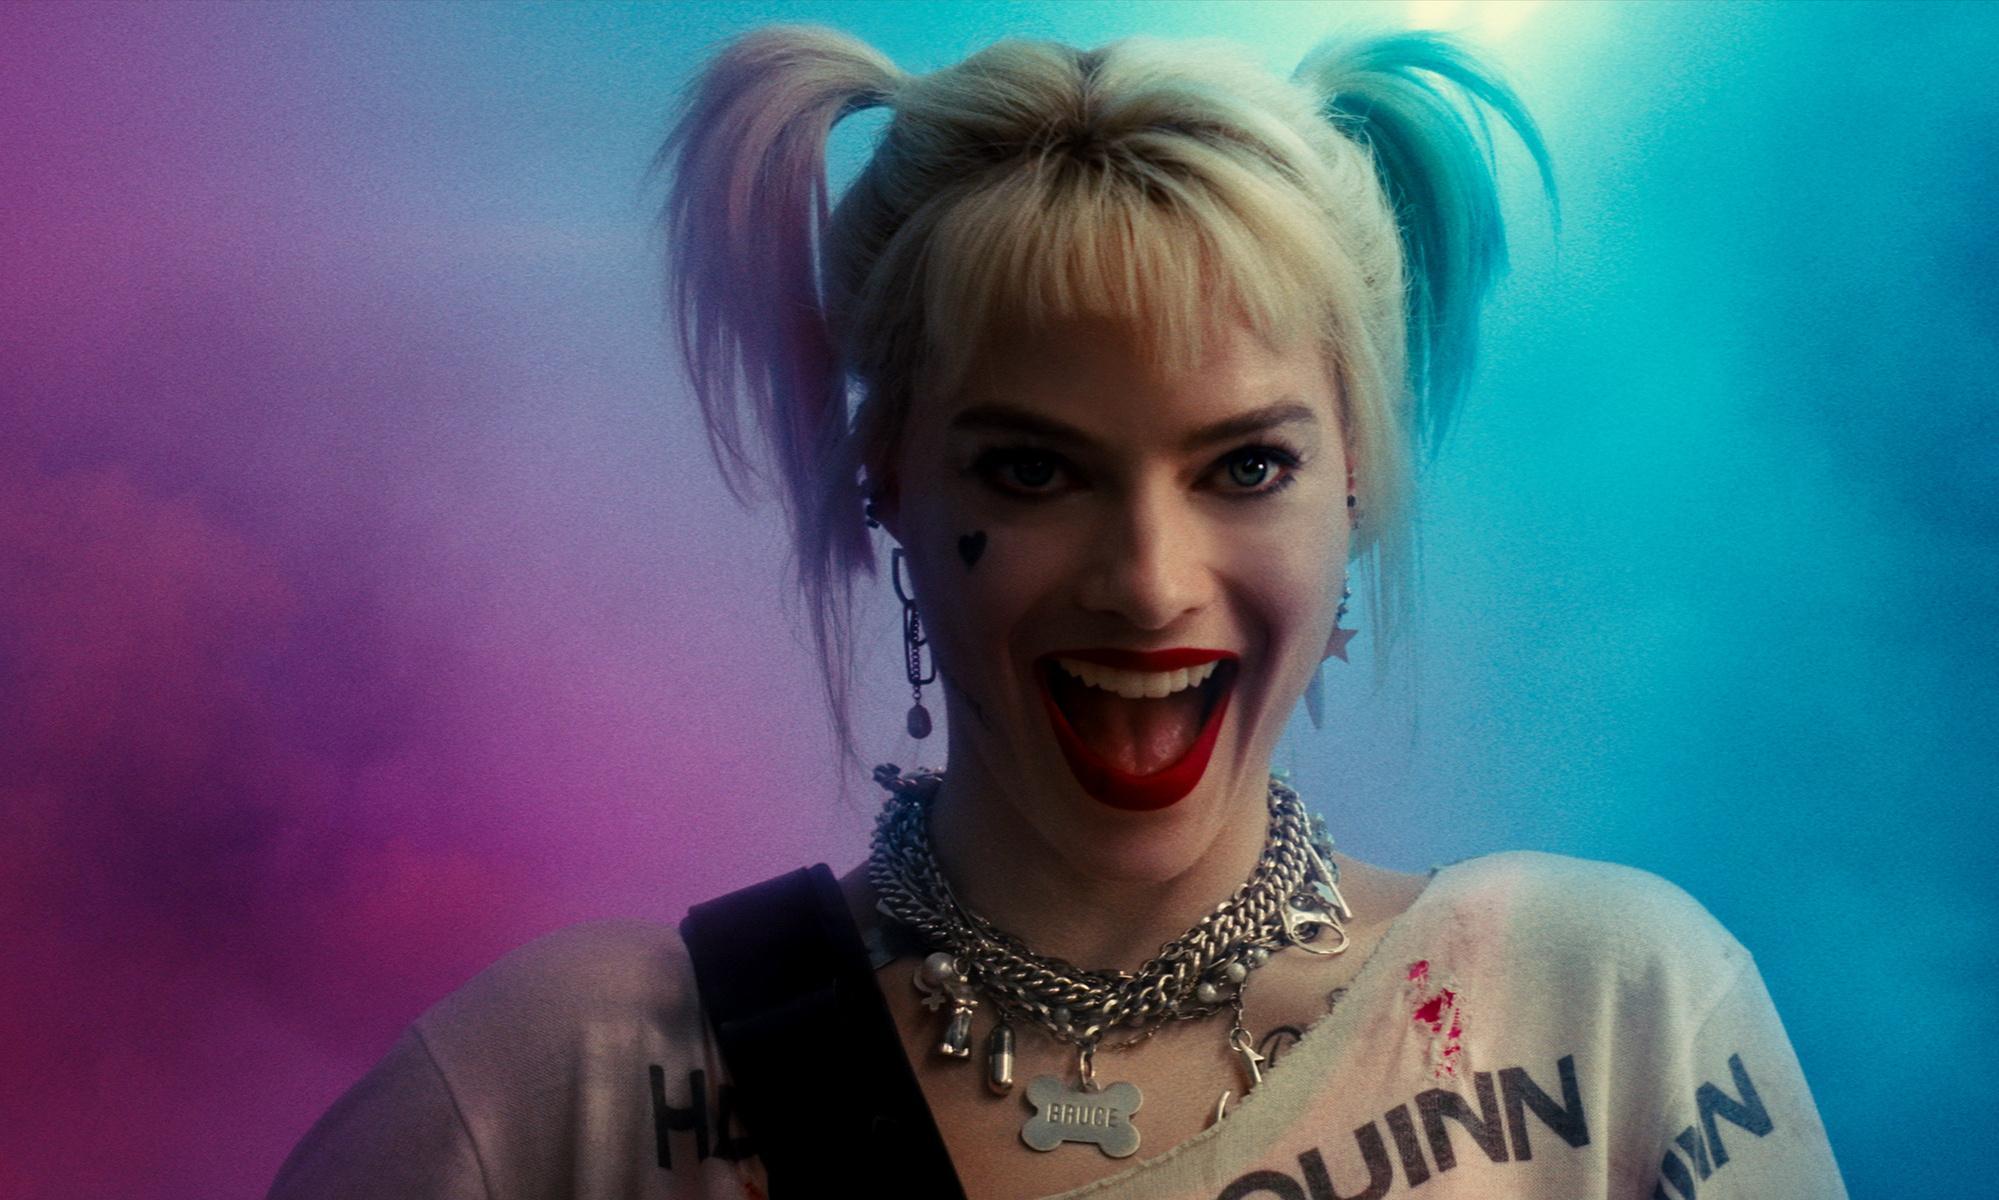 Birds of Prey review – Margot Robbie goes full tilt as Harley Quinn